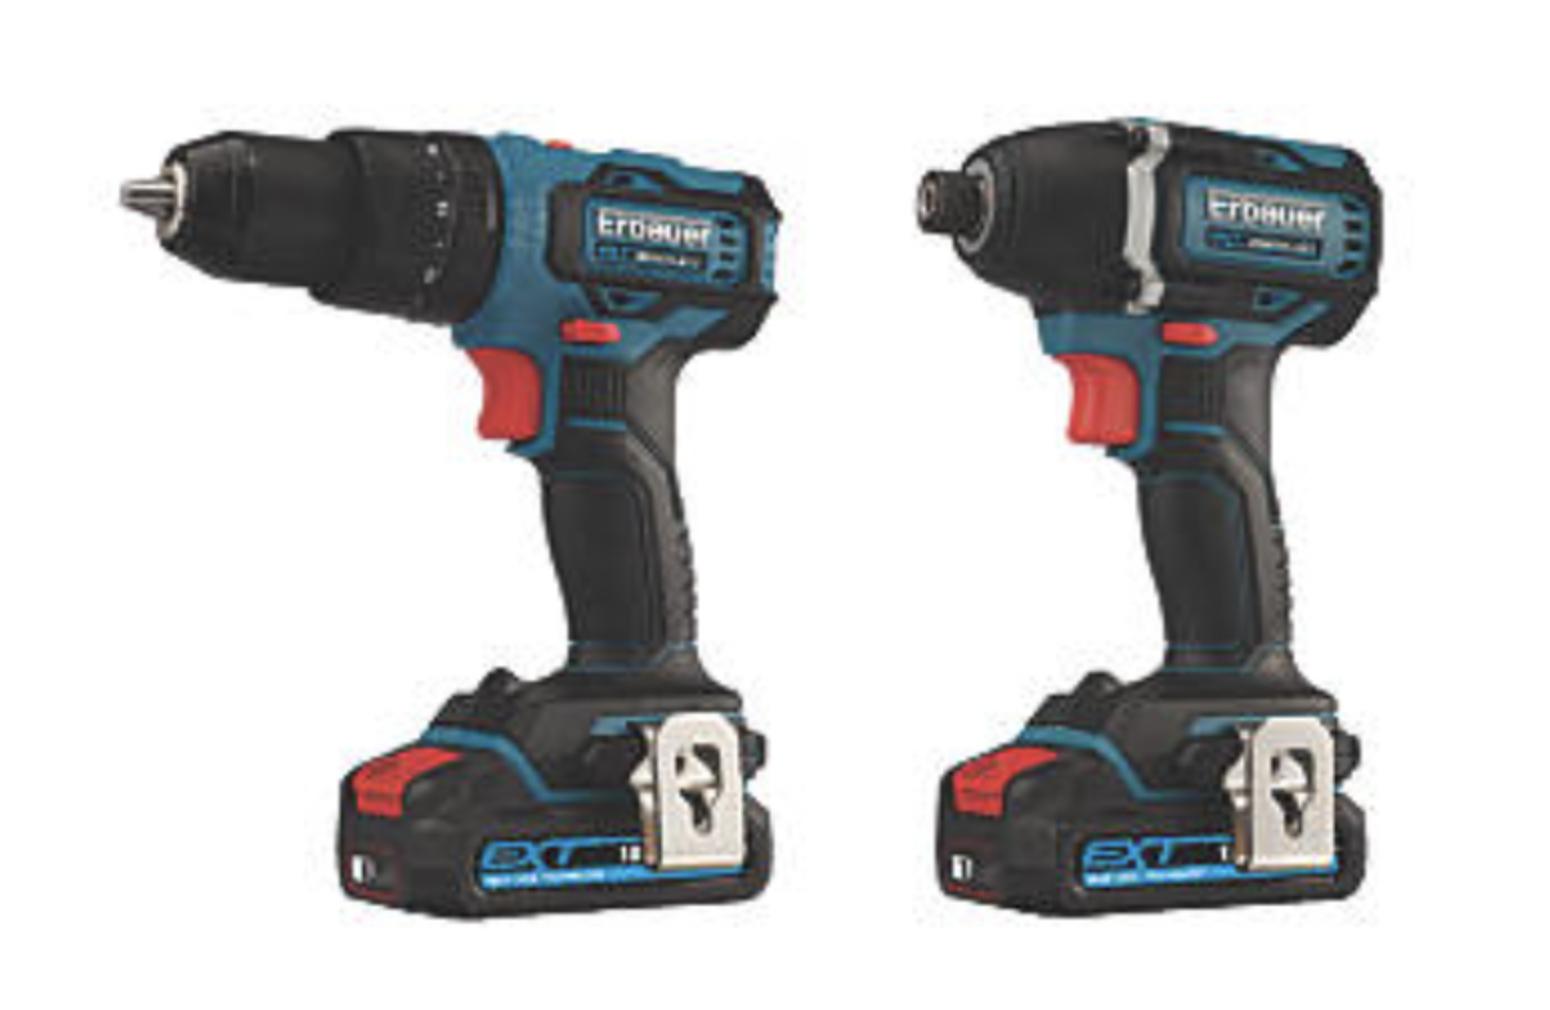 ERBAUER EID18-LI / ECD18-LI-2 18V 2.0AH LI-ION EXT Brushless Cordless Twin Pack - £129.99 @ Screwfix